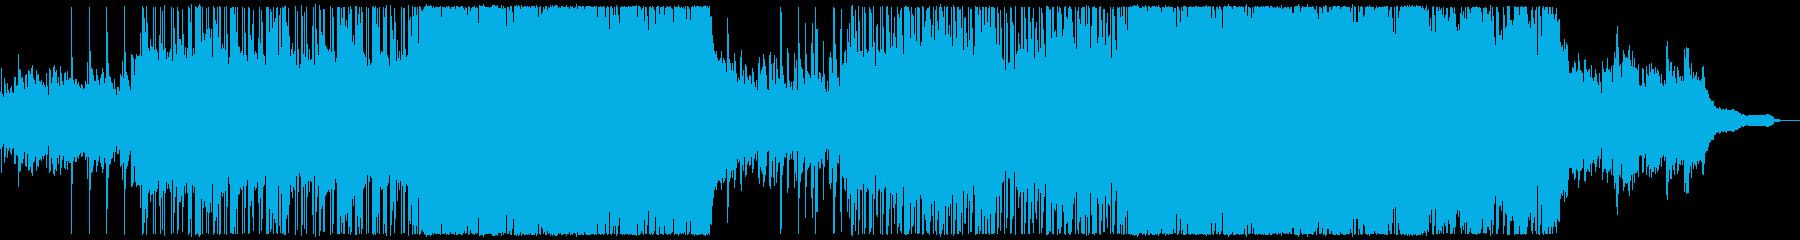 爽快感のある盛り上がり感動系ポップロックの再生済みの波形